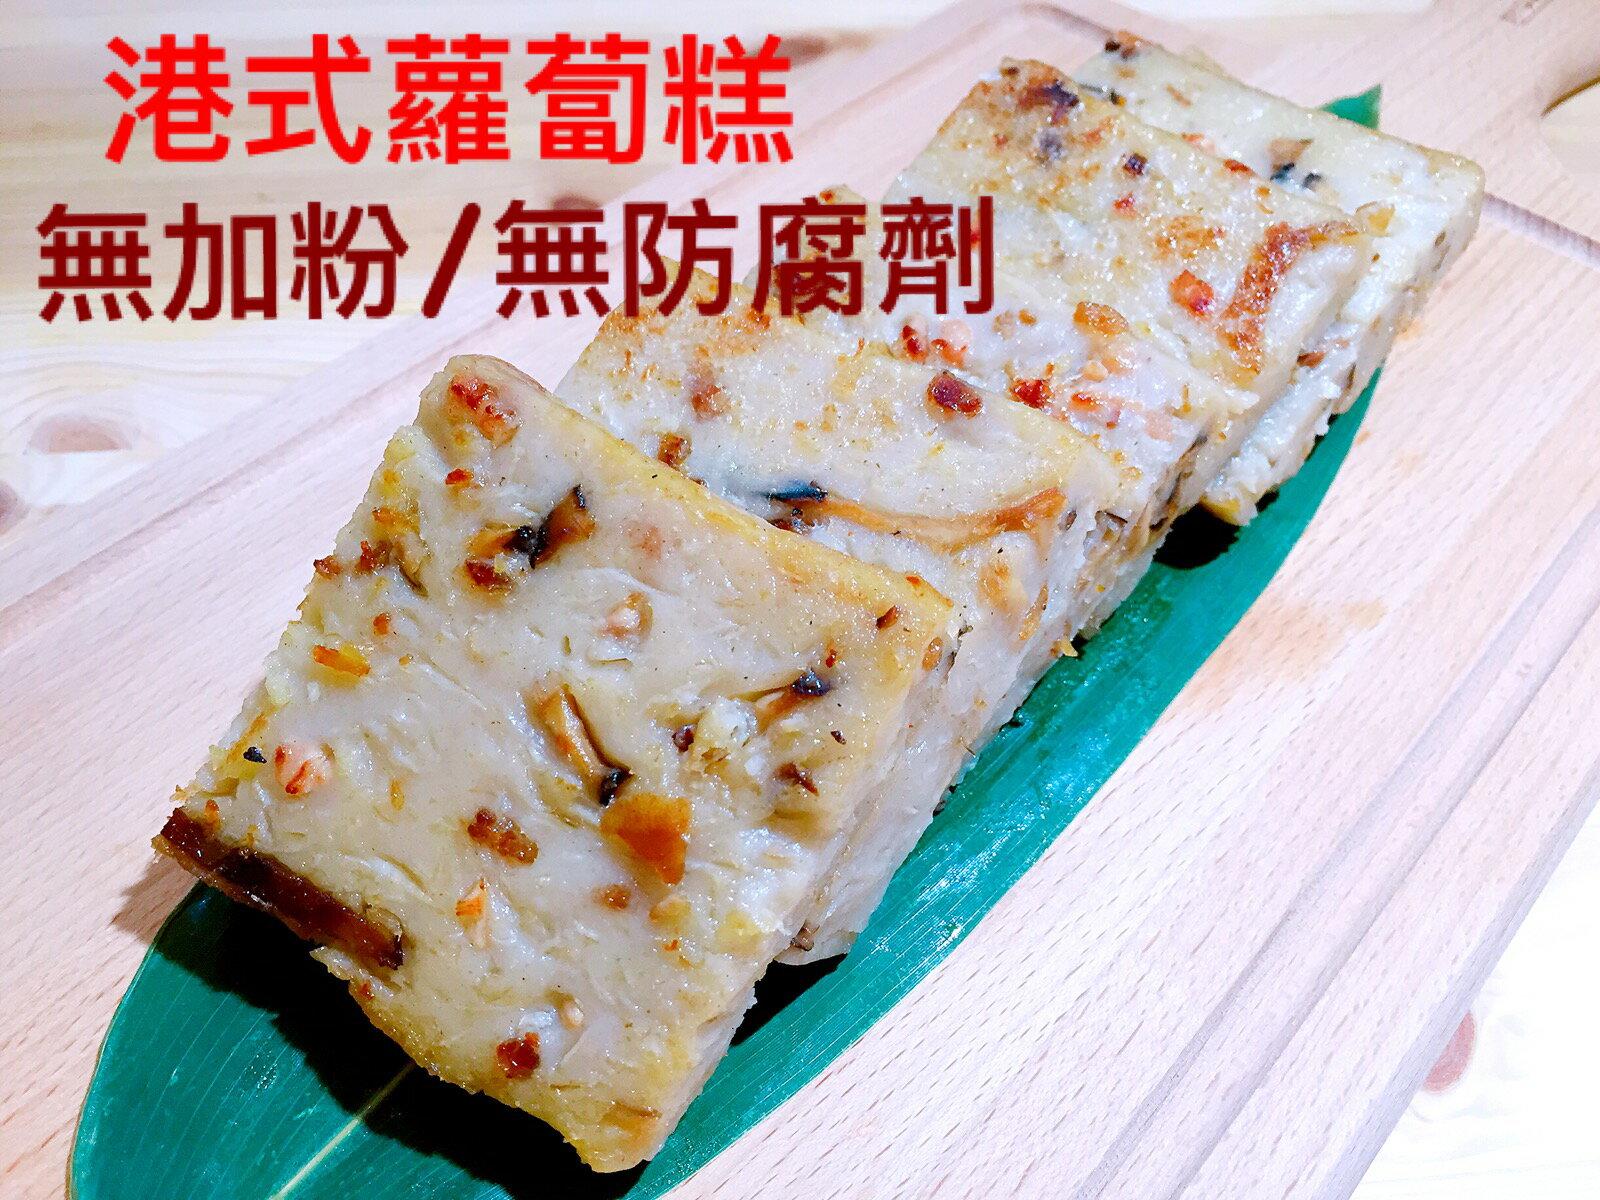 港式蘿蔔糕 配料再增量 純在來米製作 銷售第一名